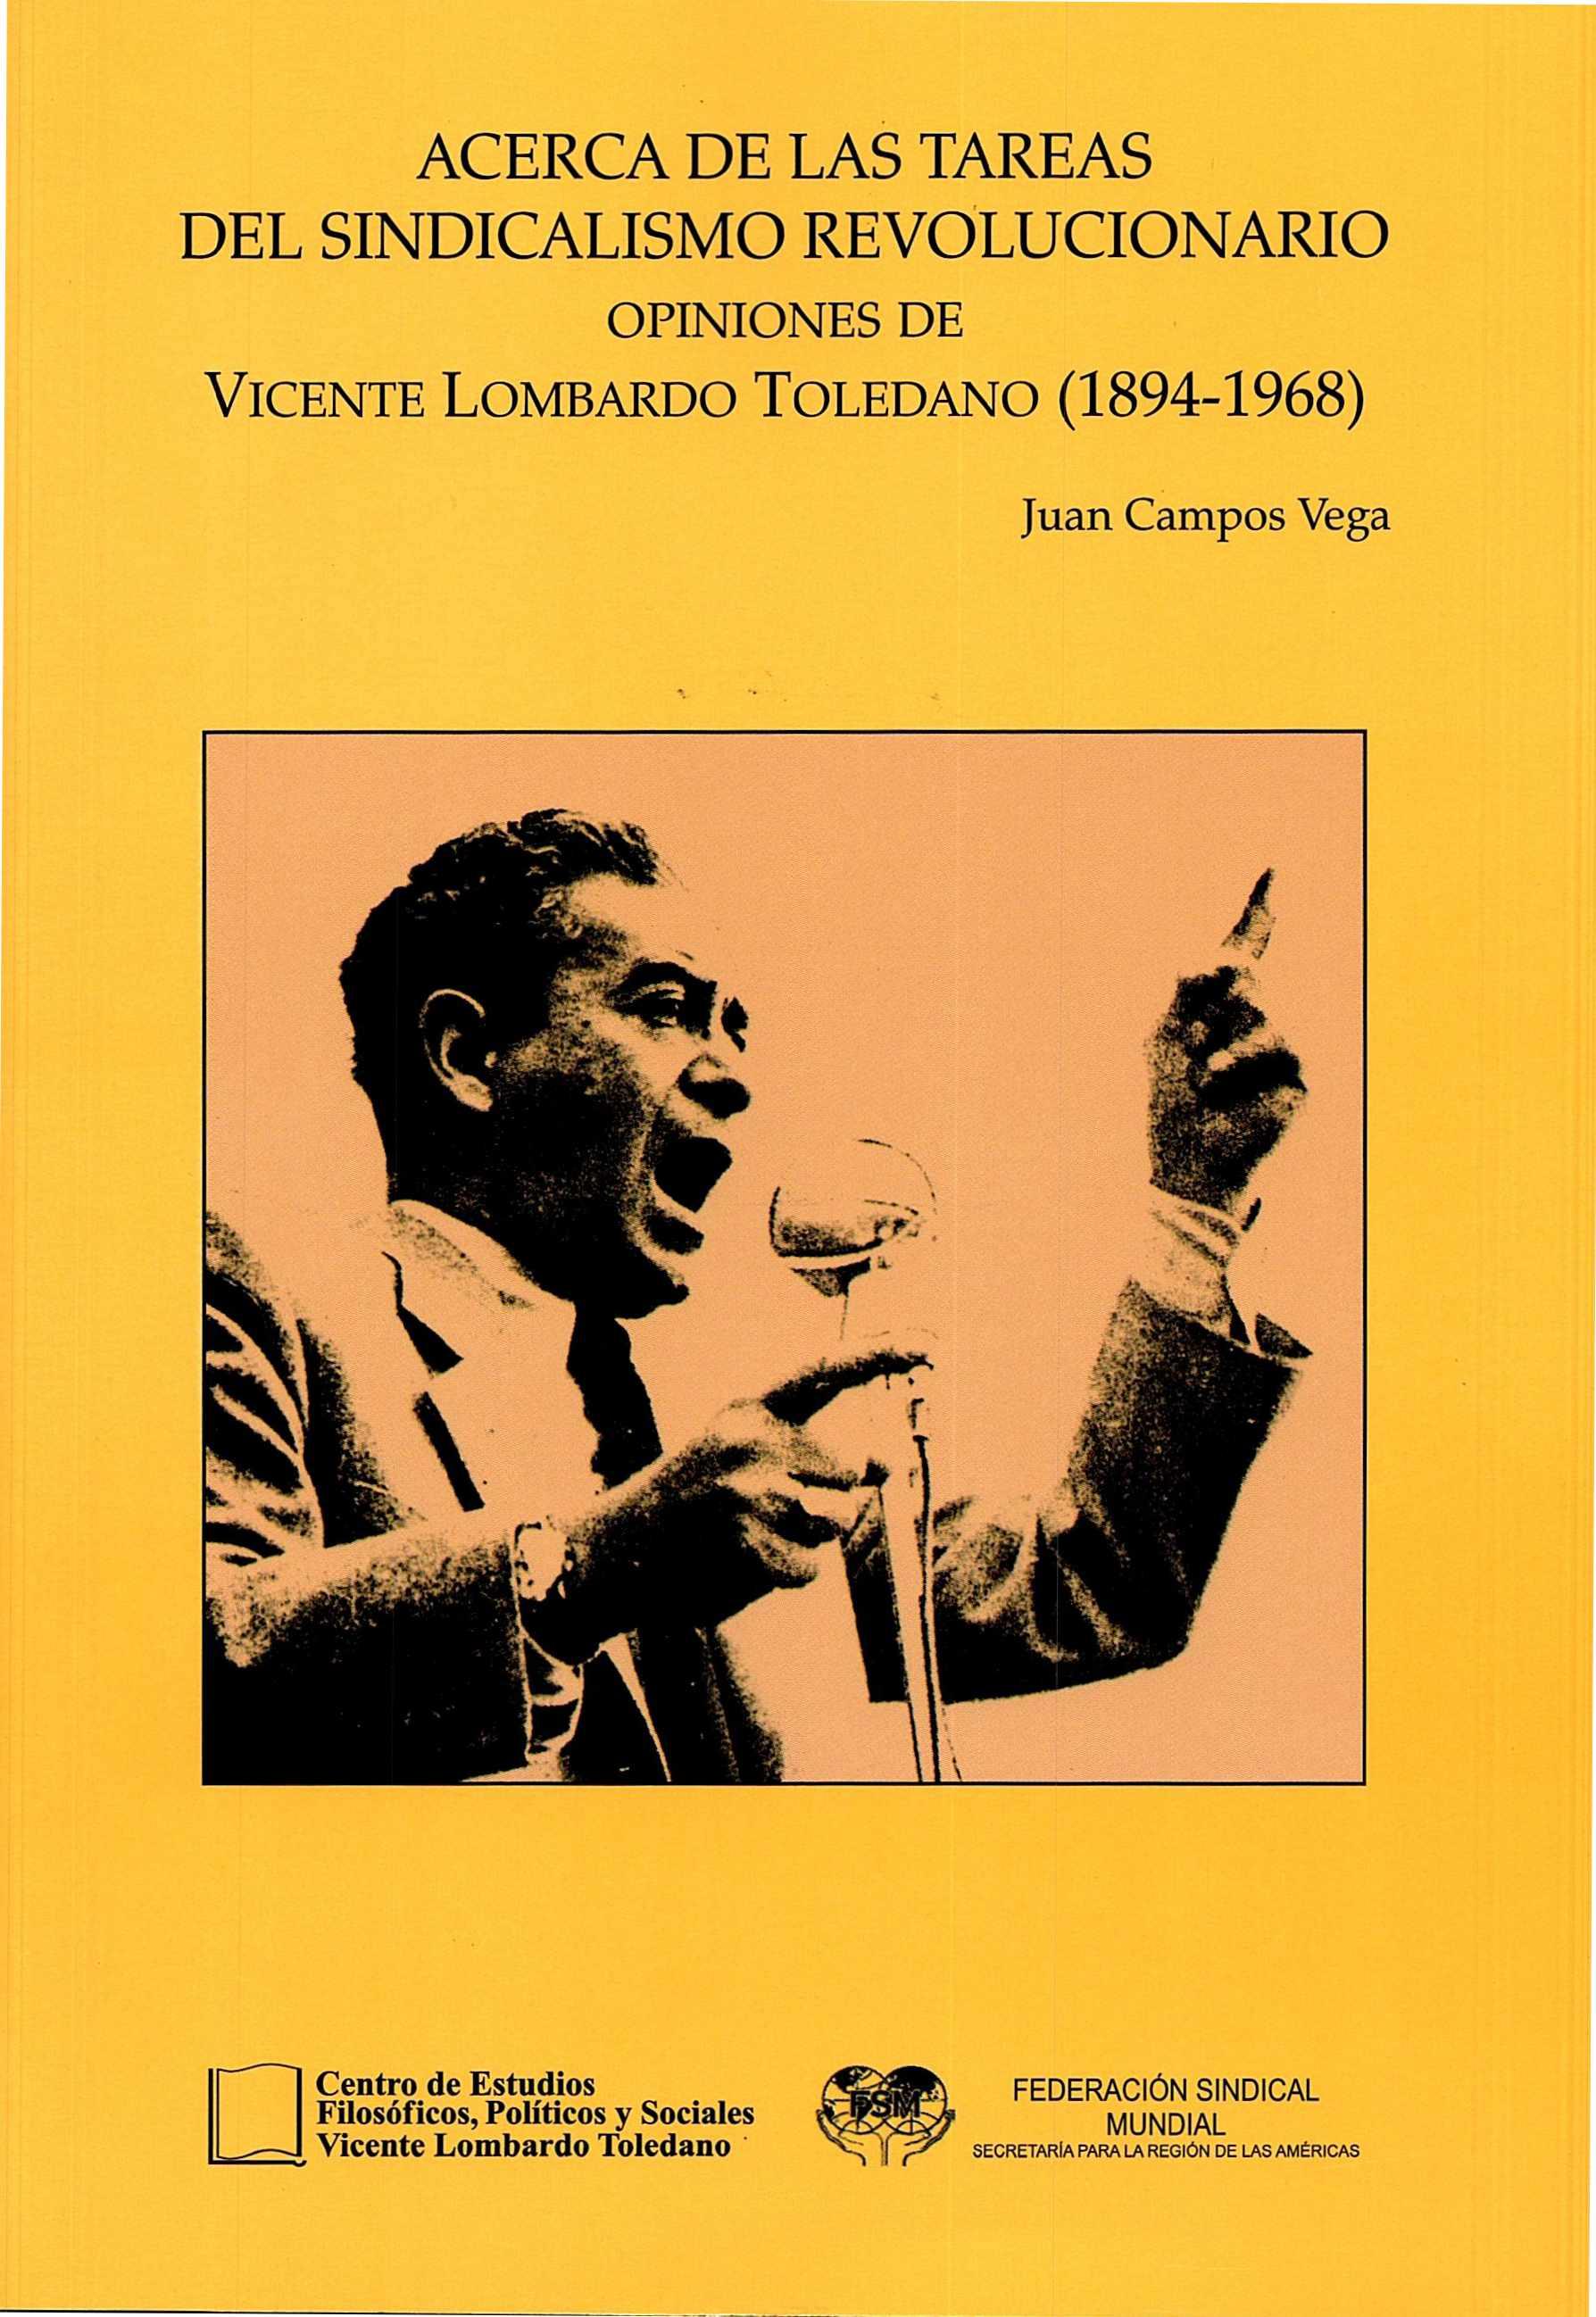 Portada del libro: ACERCA DE LAS TAREAS DEL SINDICALISMO REVOLUCIONARIO: OPINIONES DE VICENTE LOMBARDO TOLEDANO (1894-1968)